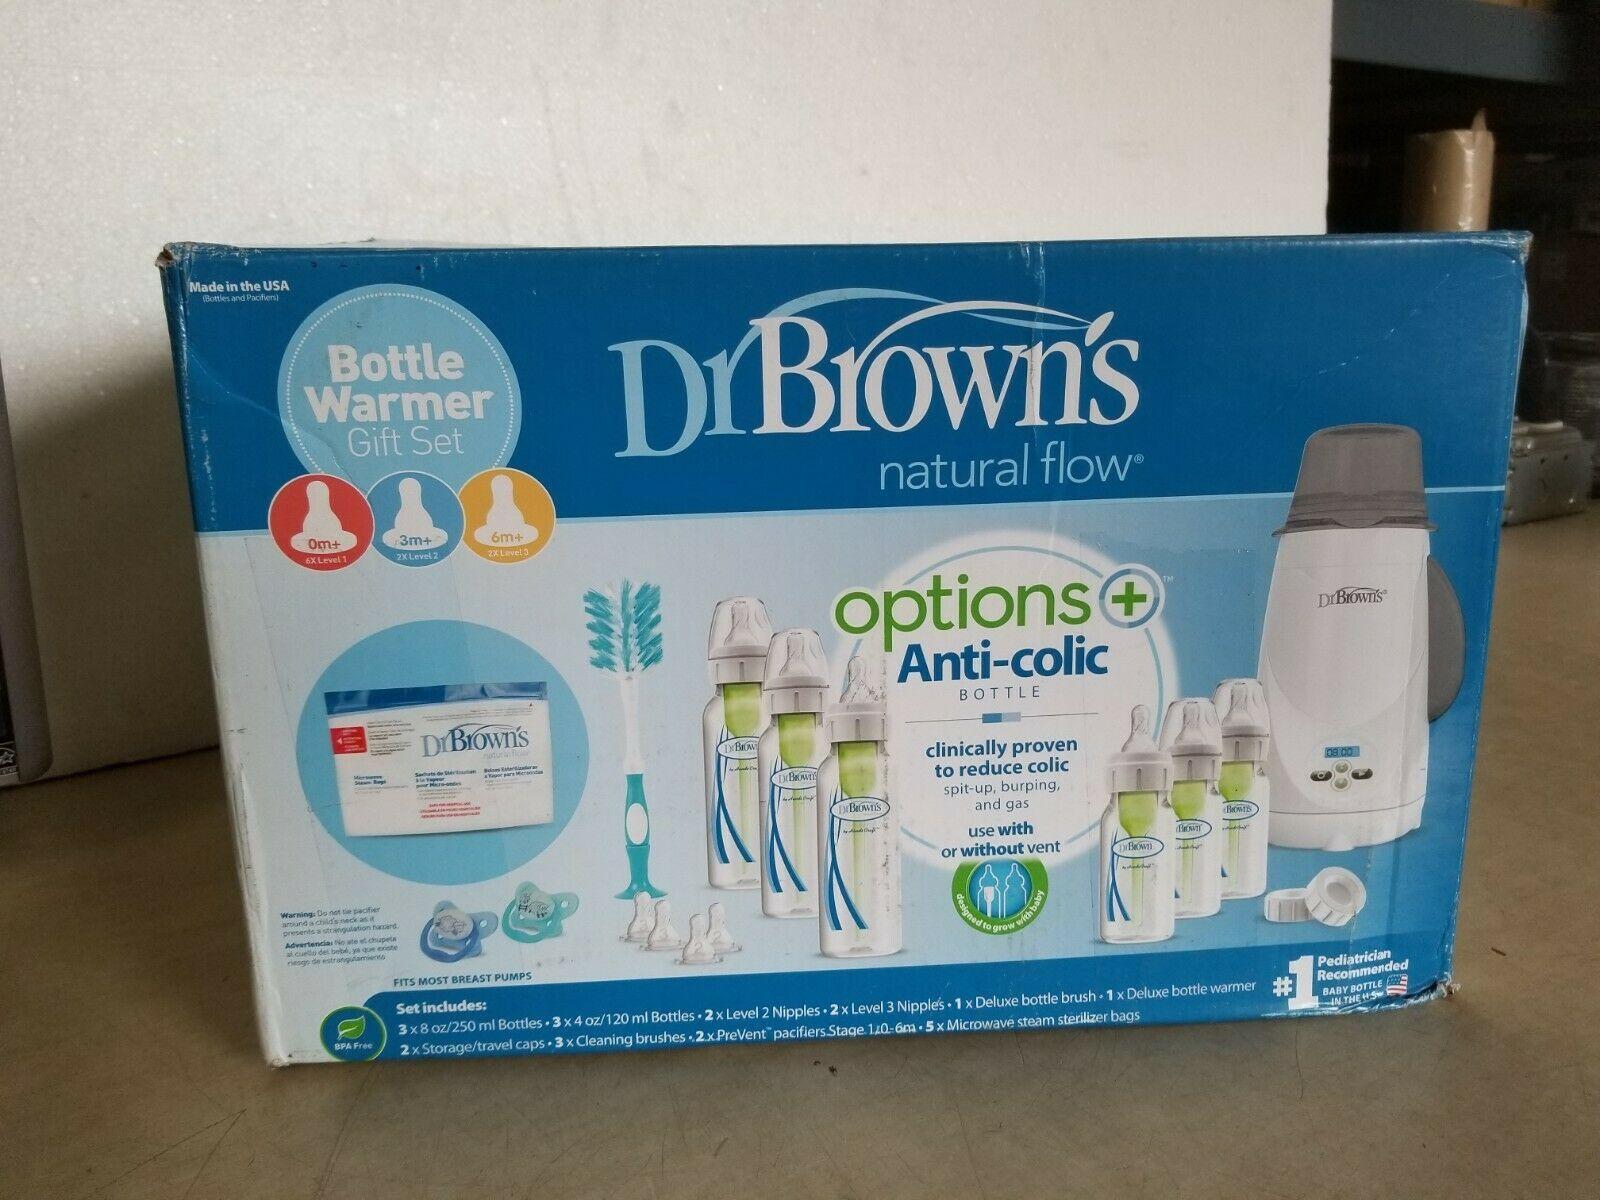 Dr Brown's Options Bottle Warmer Gift Set - $123.45